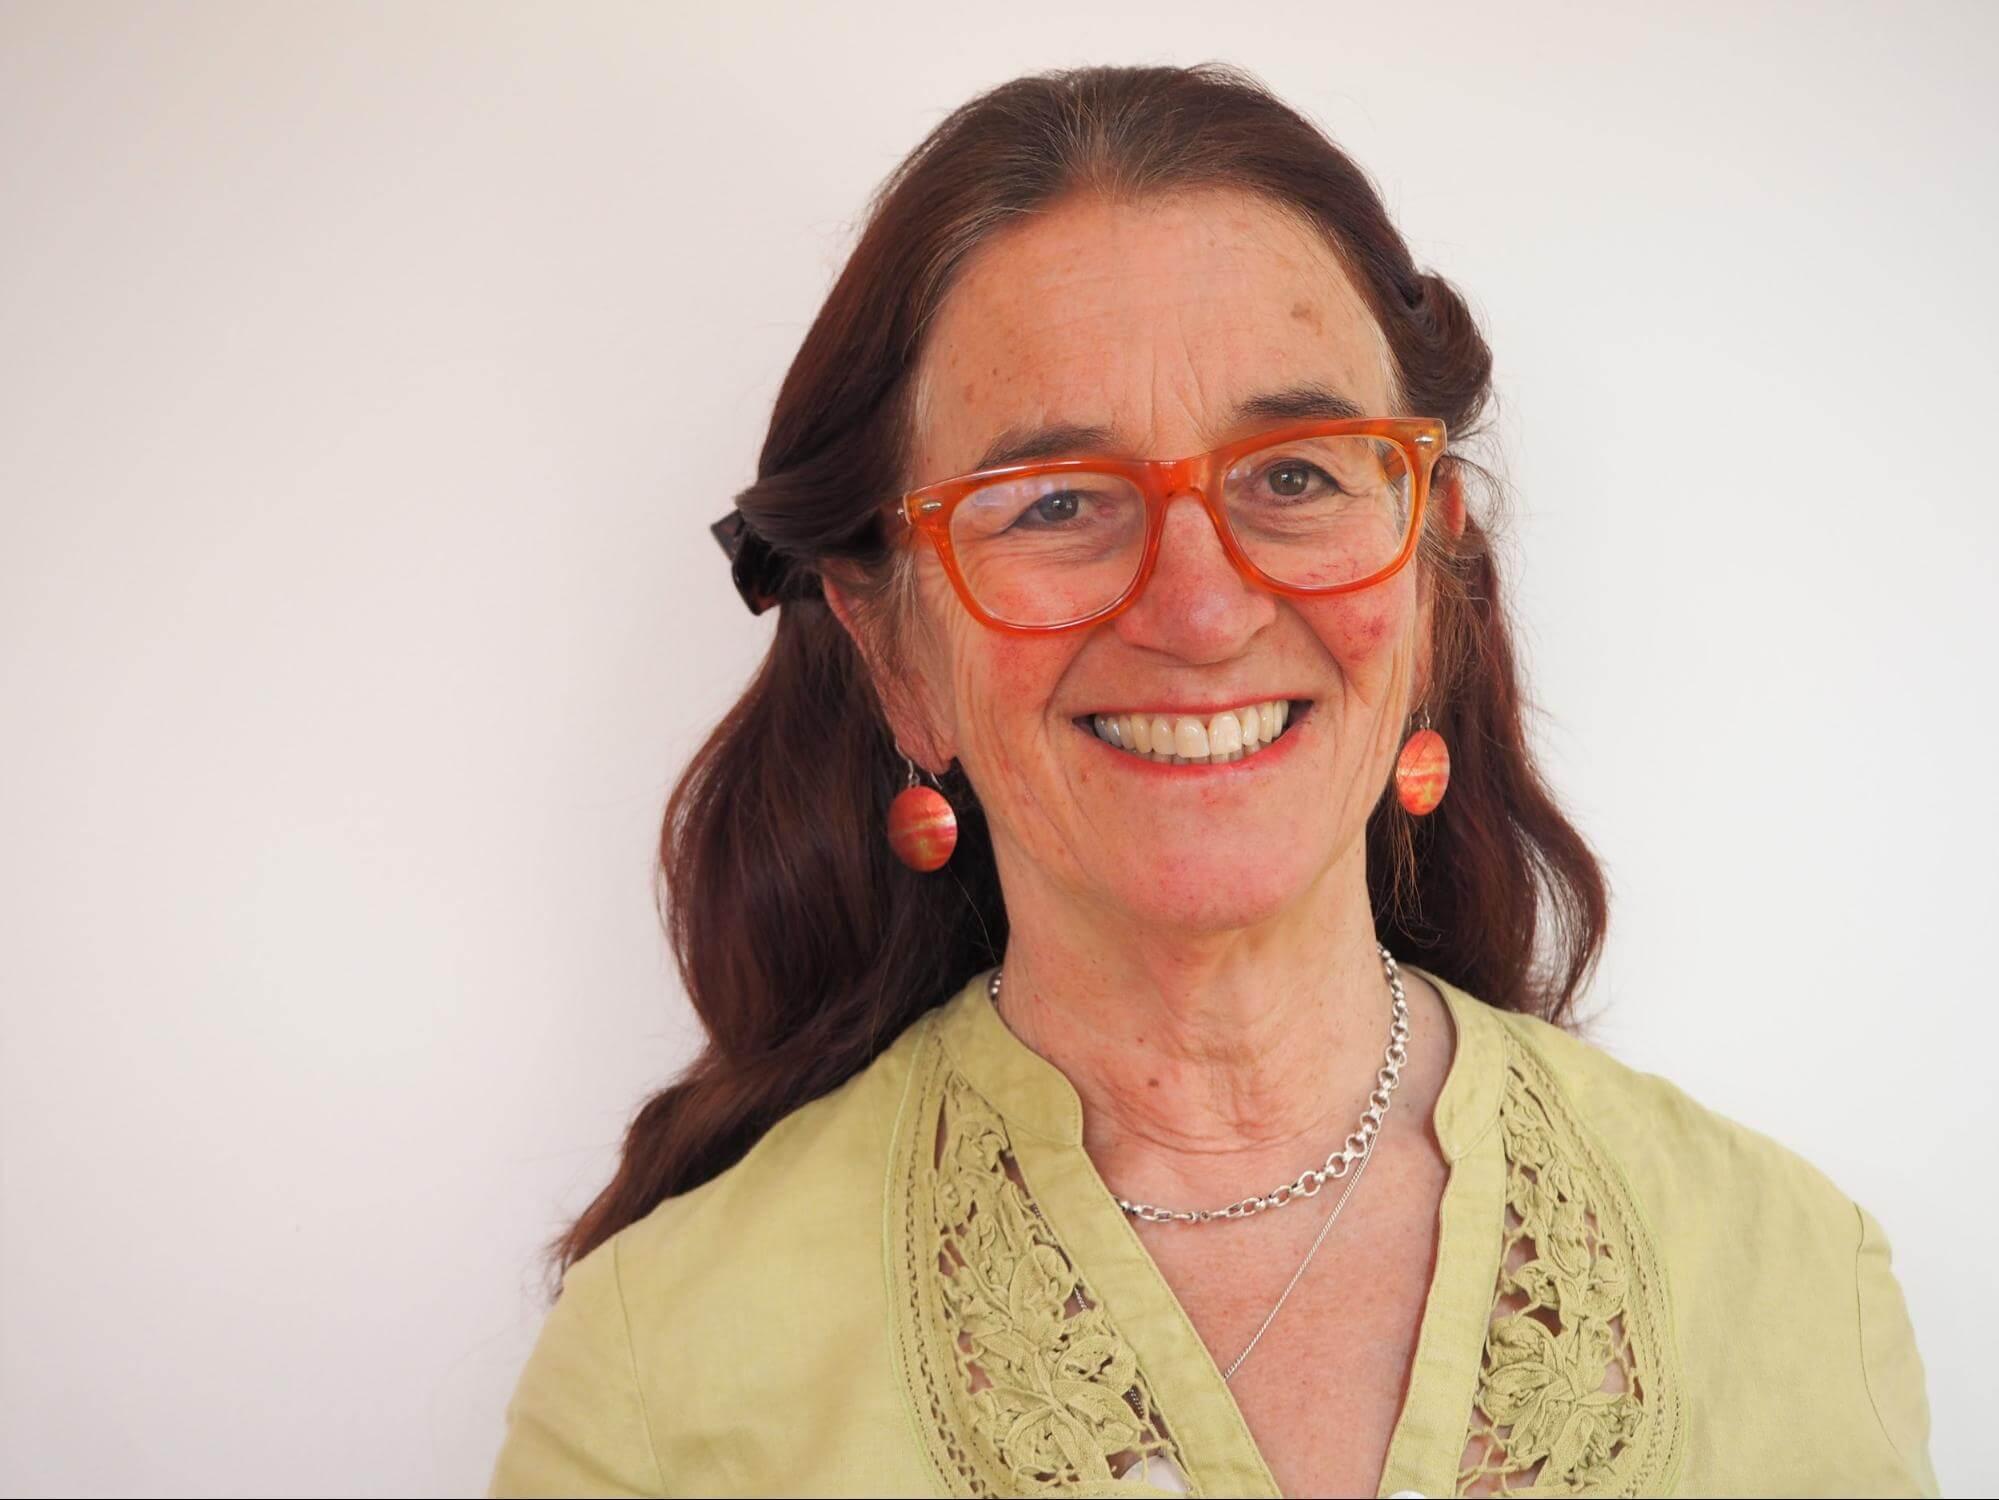 Lesley Morrison, Doctors for XR